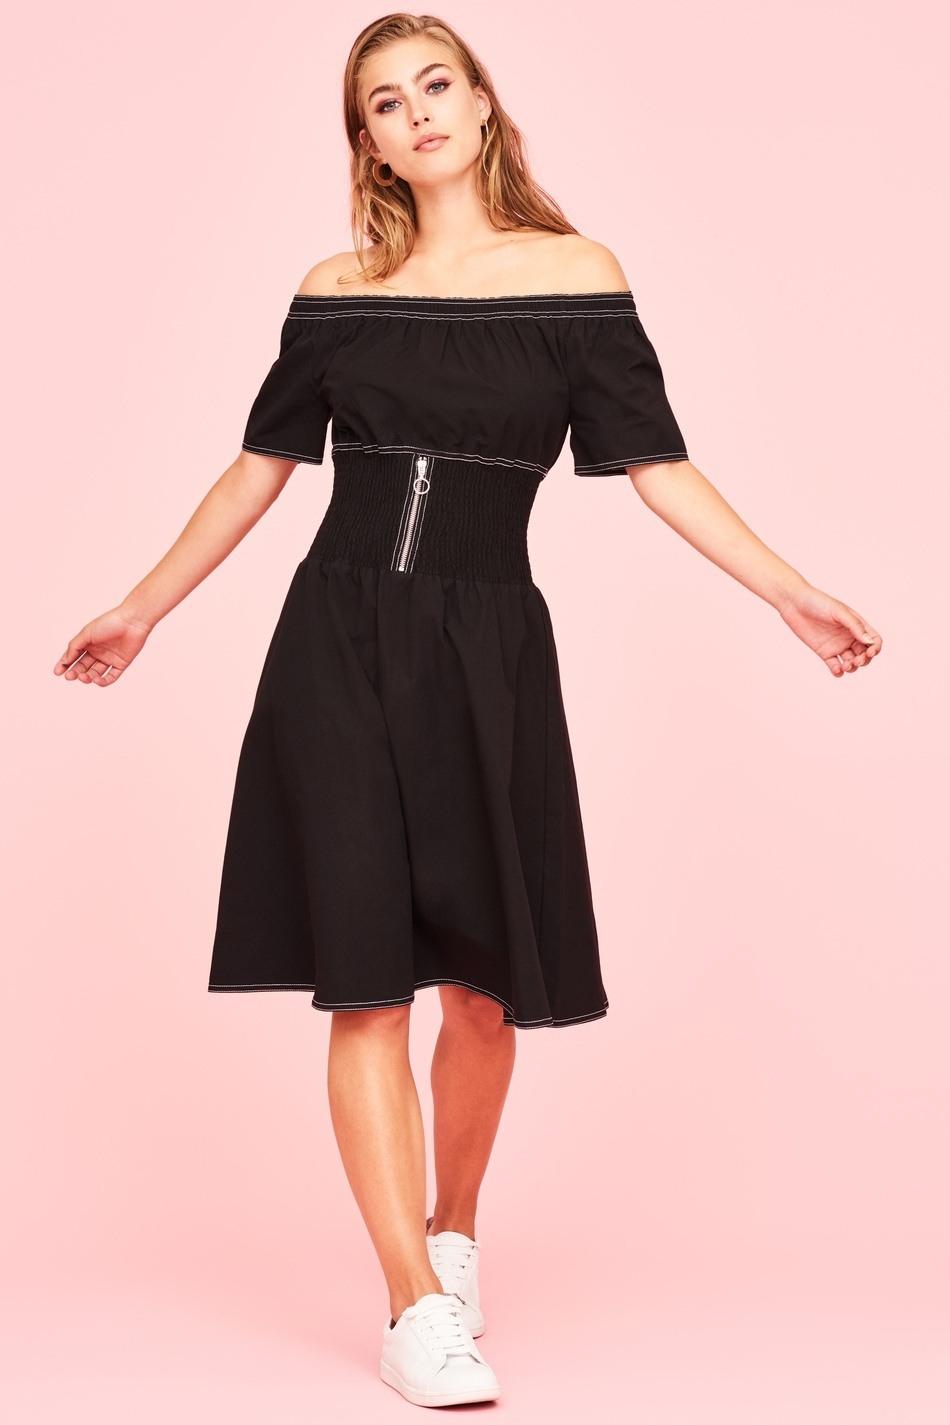 Abend Luxurius Kleider Galerie Spektakulär Kleider Design